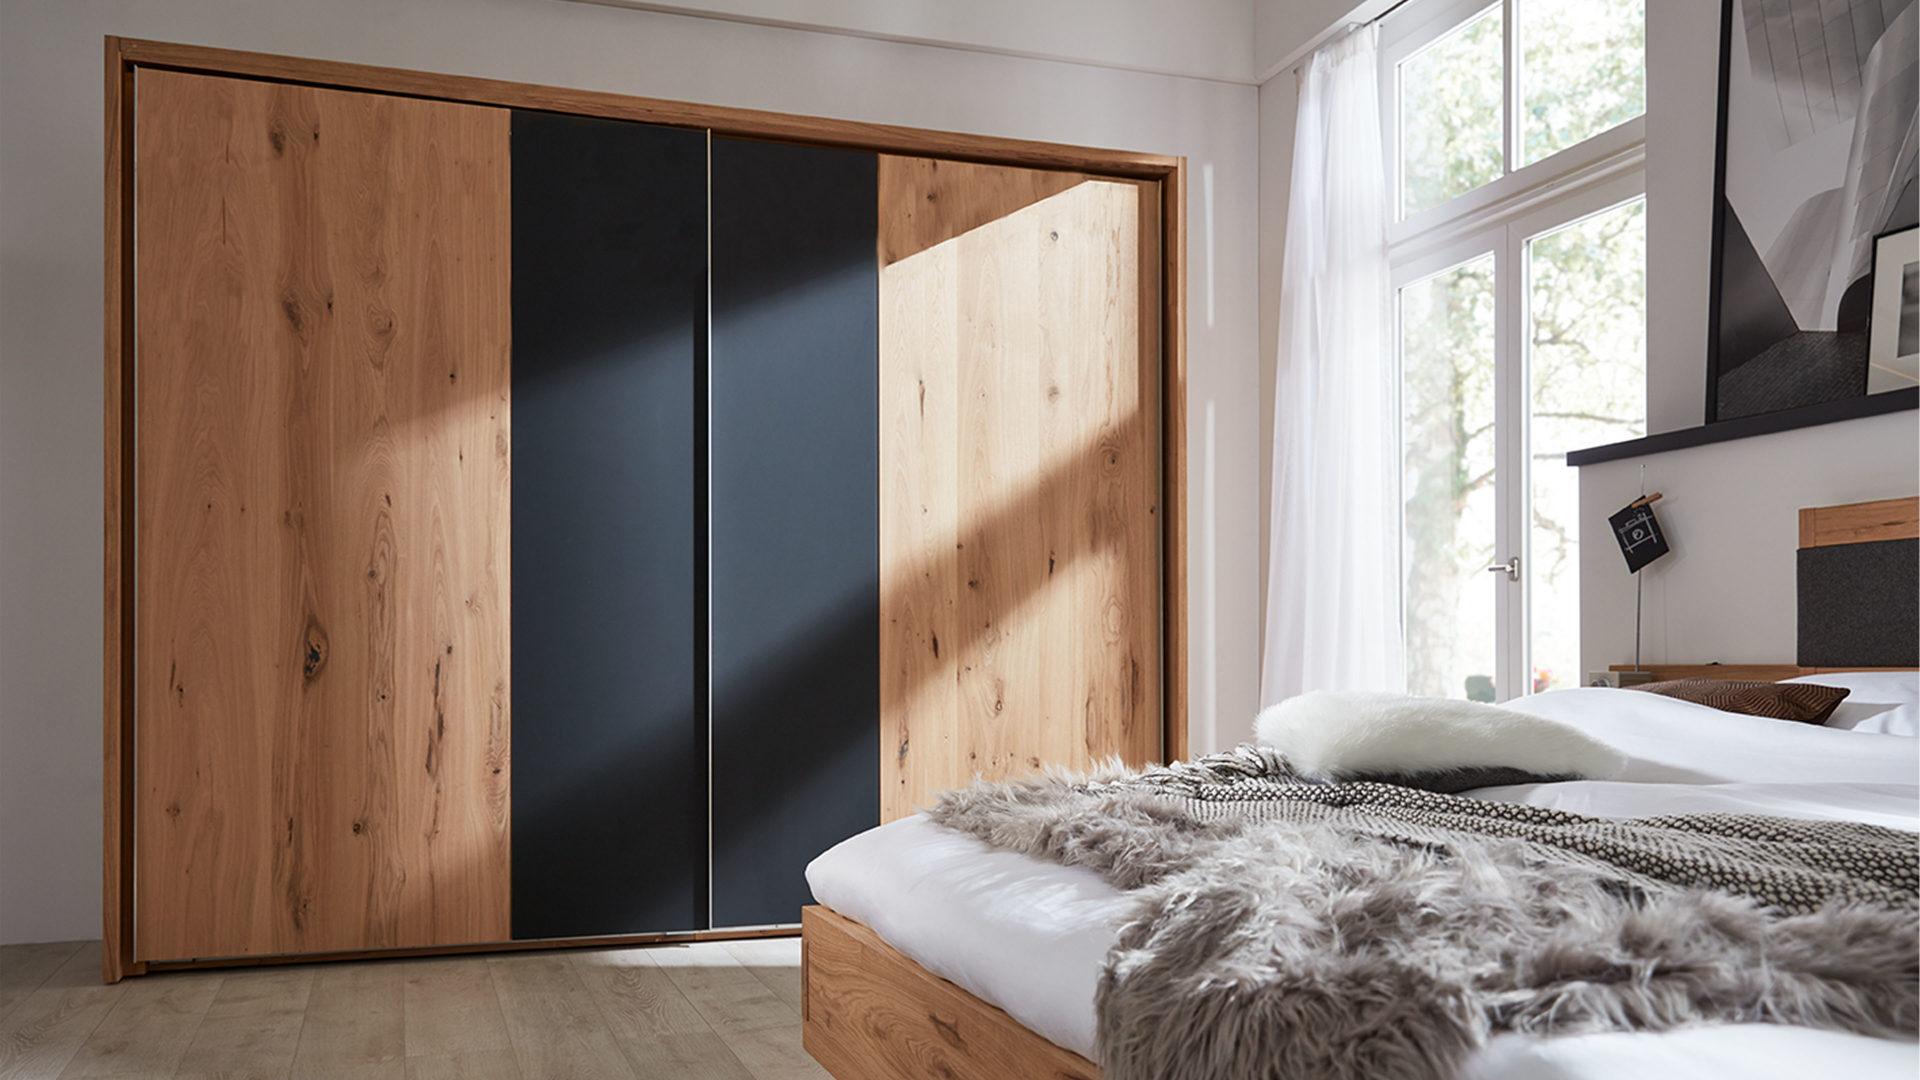 Interliving Schlafzimmer Serie 1004 – Schwebetürenschrank, Alteiche Rustiko  & Anthrazit – Breite ca. 295 cm